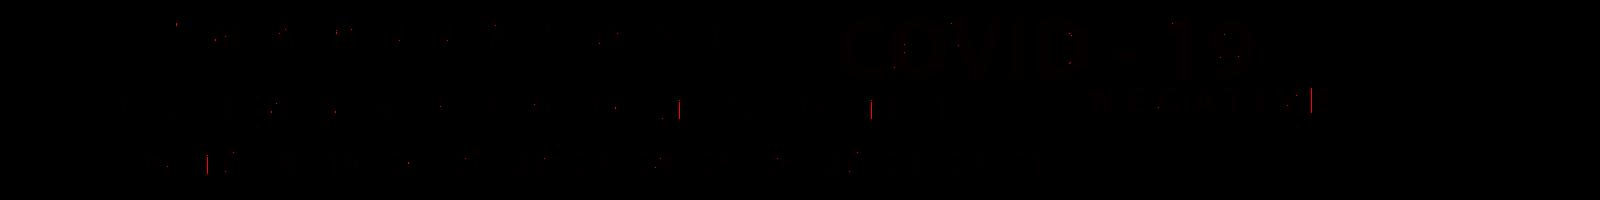 COVID-19 Negative